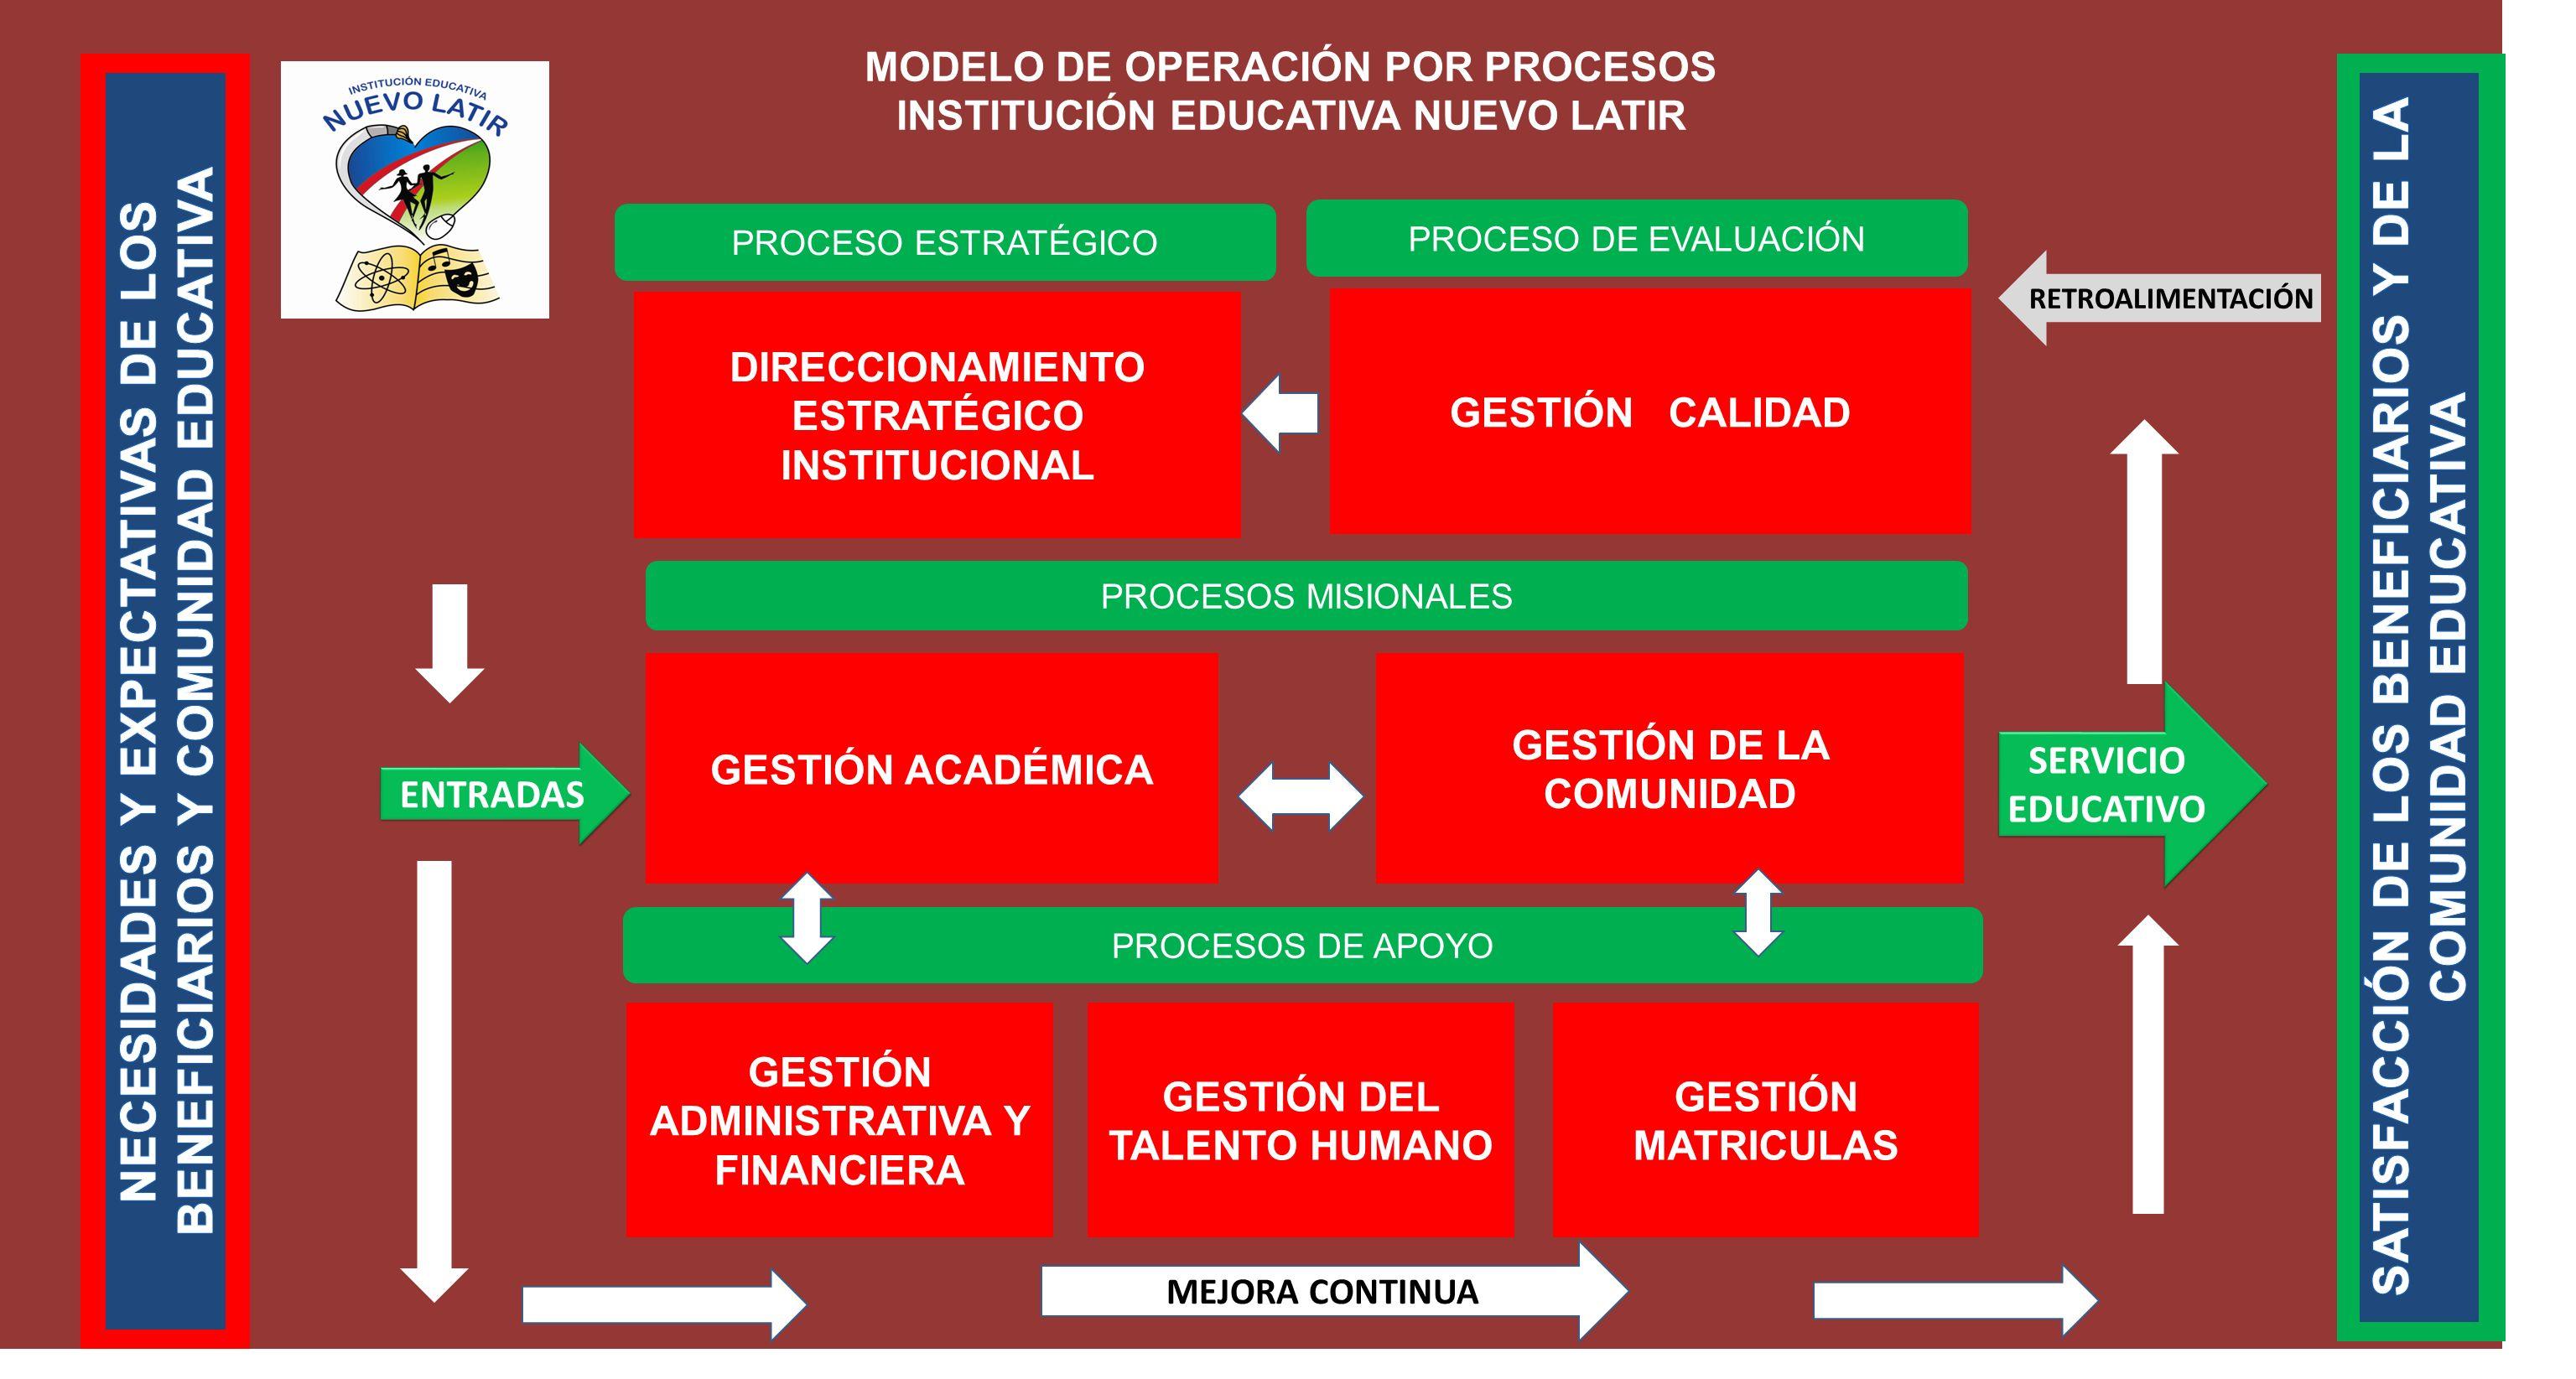 MACROPROCESO DE DESARROLLO SOCIAL DESARROLLO SOCIAL SERVICIO DE VIVIENDA SOCIAL SERVICIO DE SALUD PÚBLICA SERVICIO DE DEPORTE Y RECREACIÓN SERVICIOS CULTURALES Y TURÍSTICOS SERVICIOS PÚBLICOS DOMICILIARIOS SERVICIO EDUCATIVO Objetivo: Garantizar a la comunidad el acceso a los bienes y servicios sociales consagrados en la Constitución Nacional, para contribuir al bienestar y al desarrollo integral de la población del Municipio de Santiago de Cali.